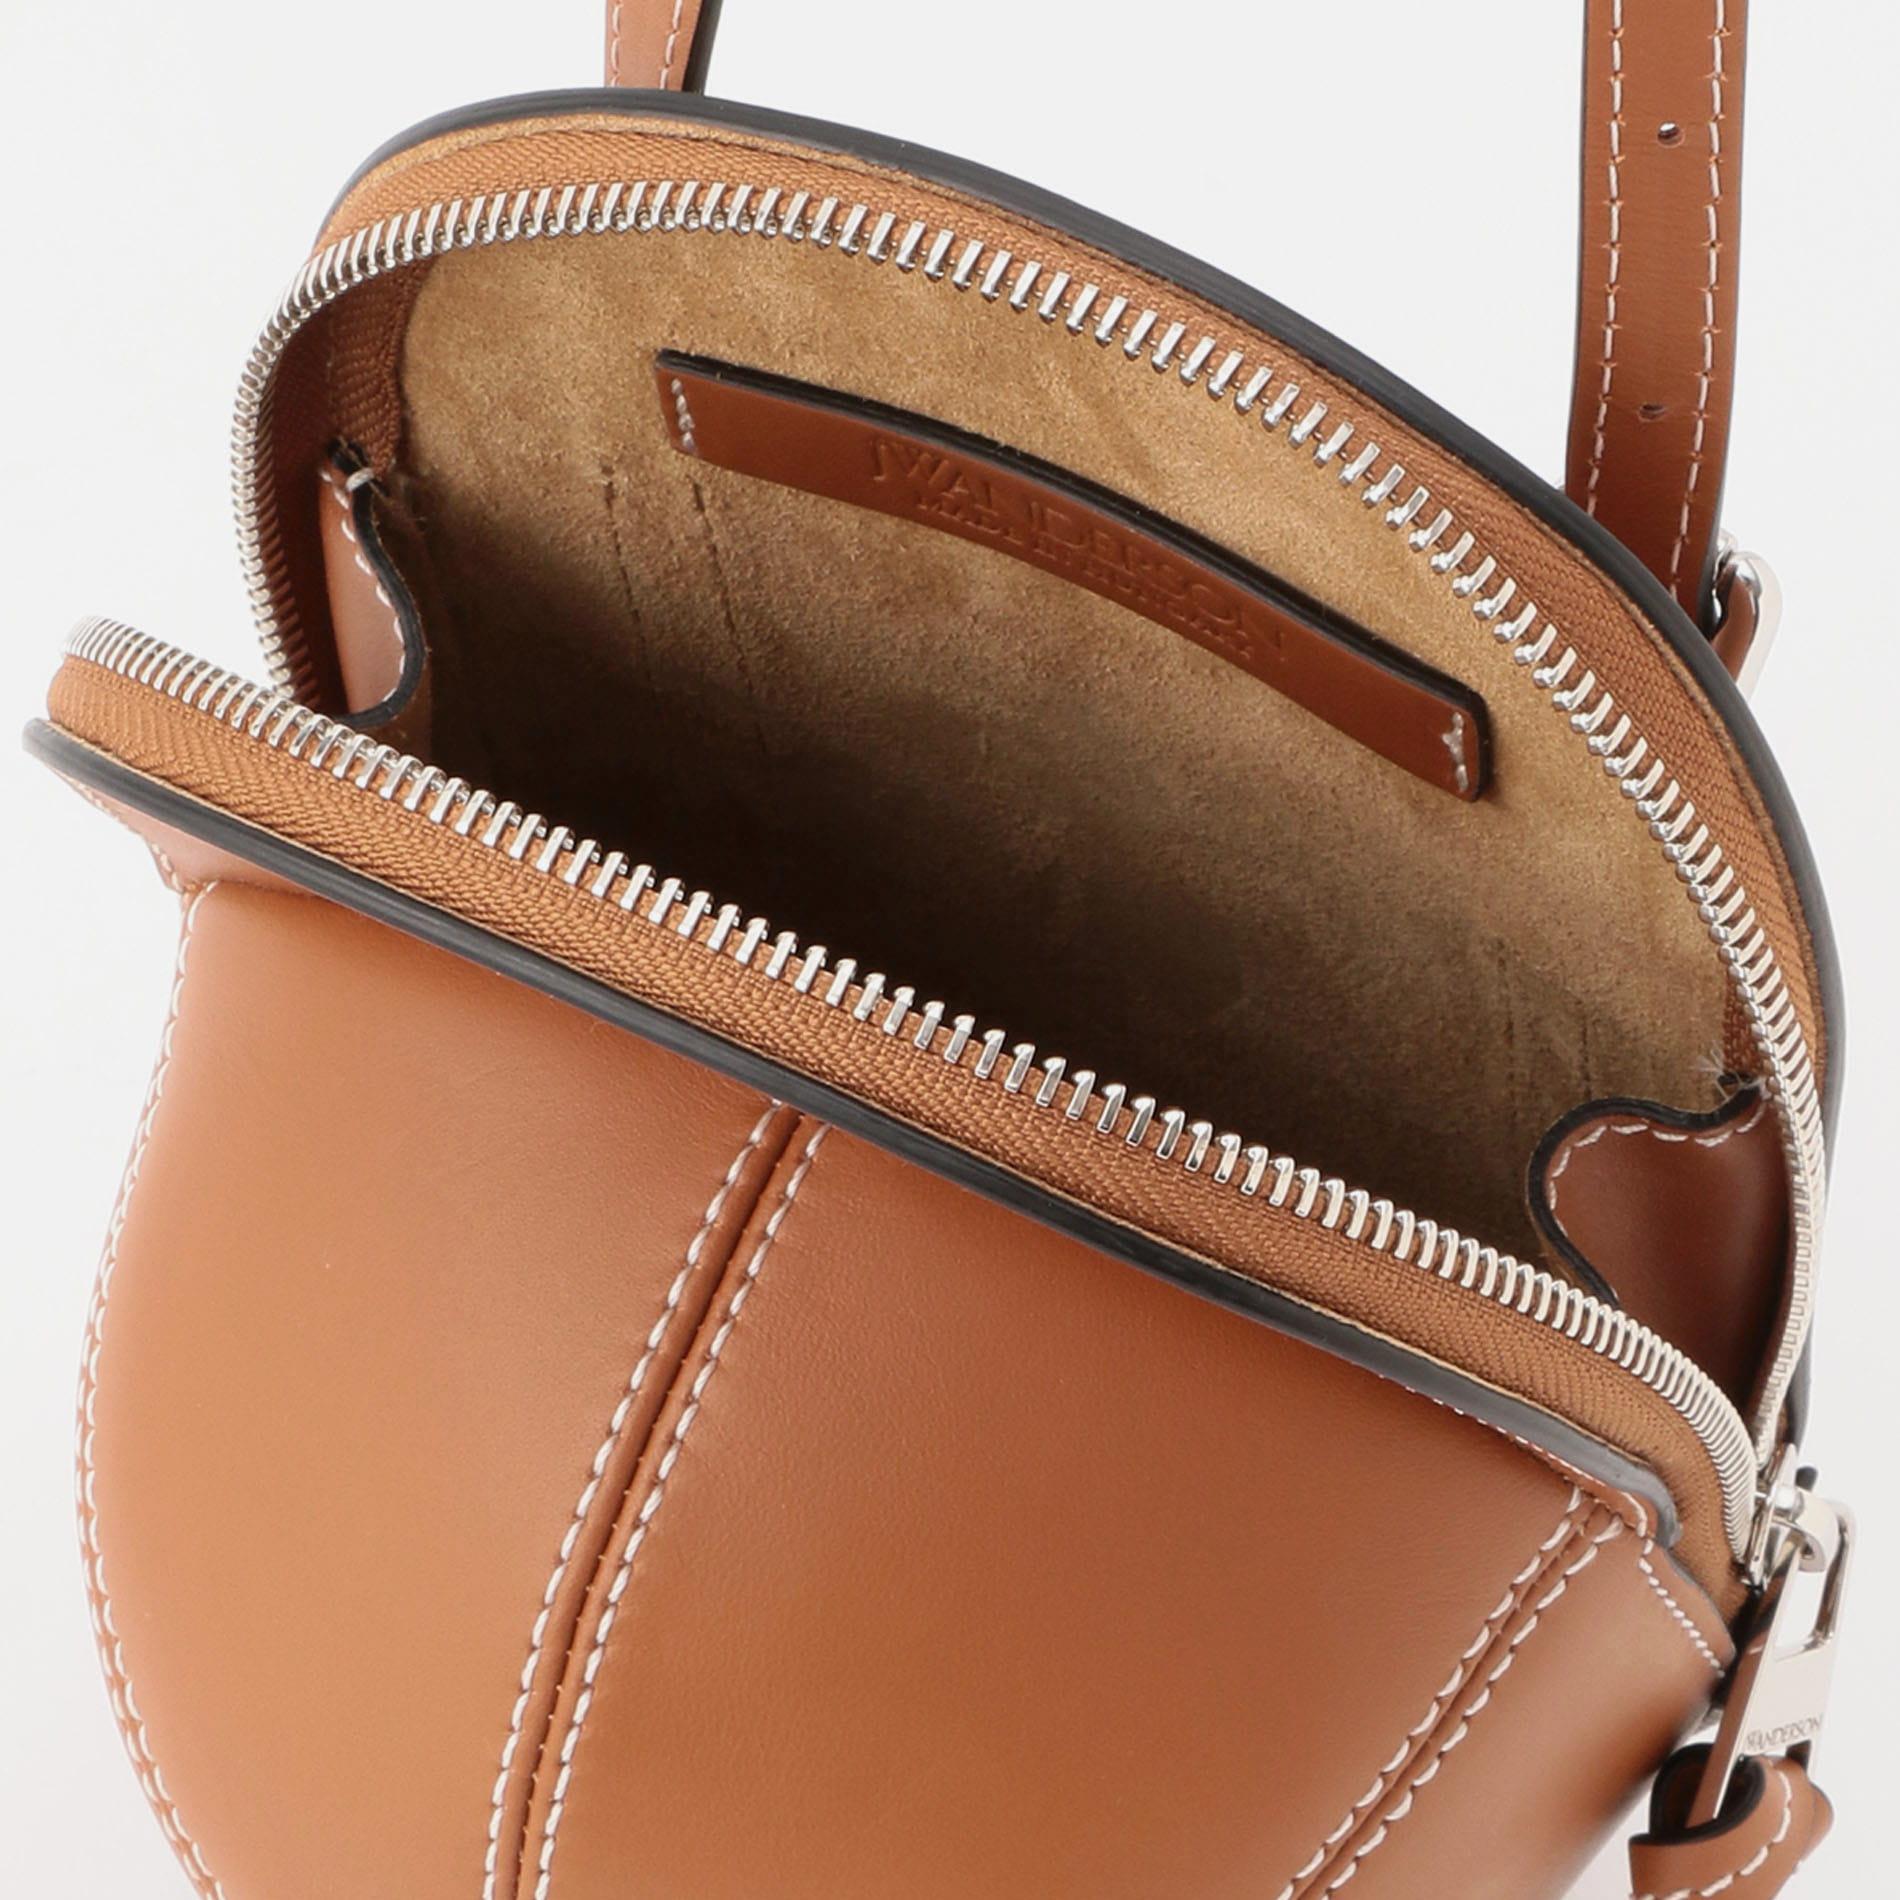 【JW ANDERSON】WOMEN バッグ MIDI CAP BAG HB0230-LA0001